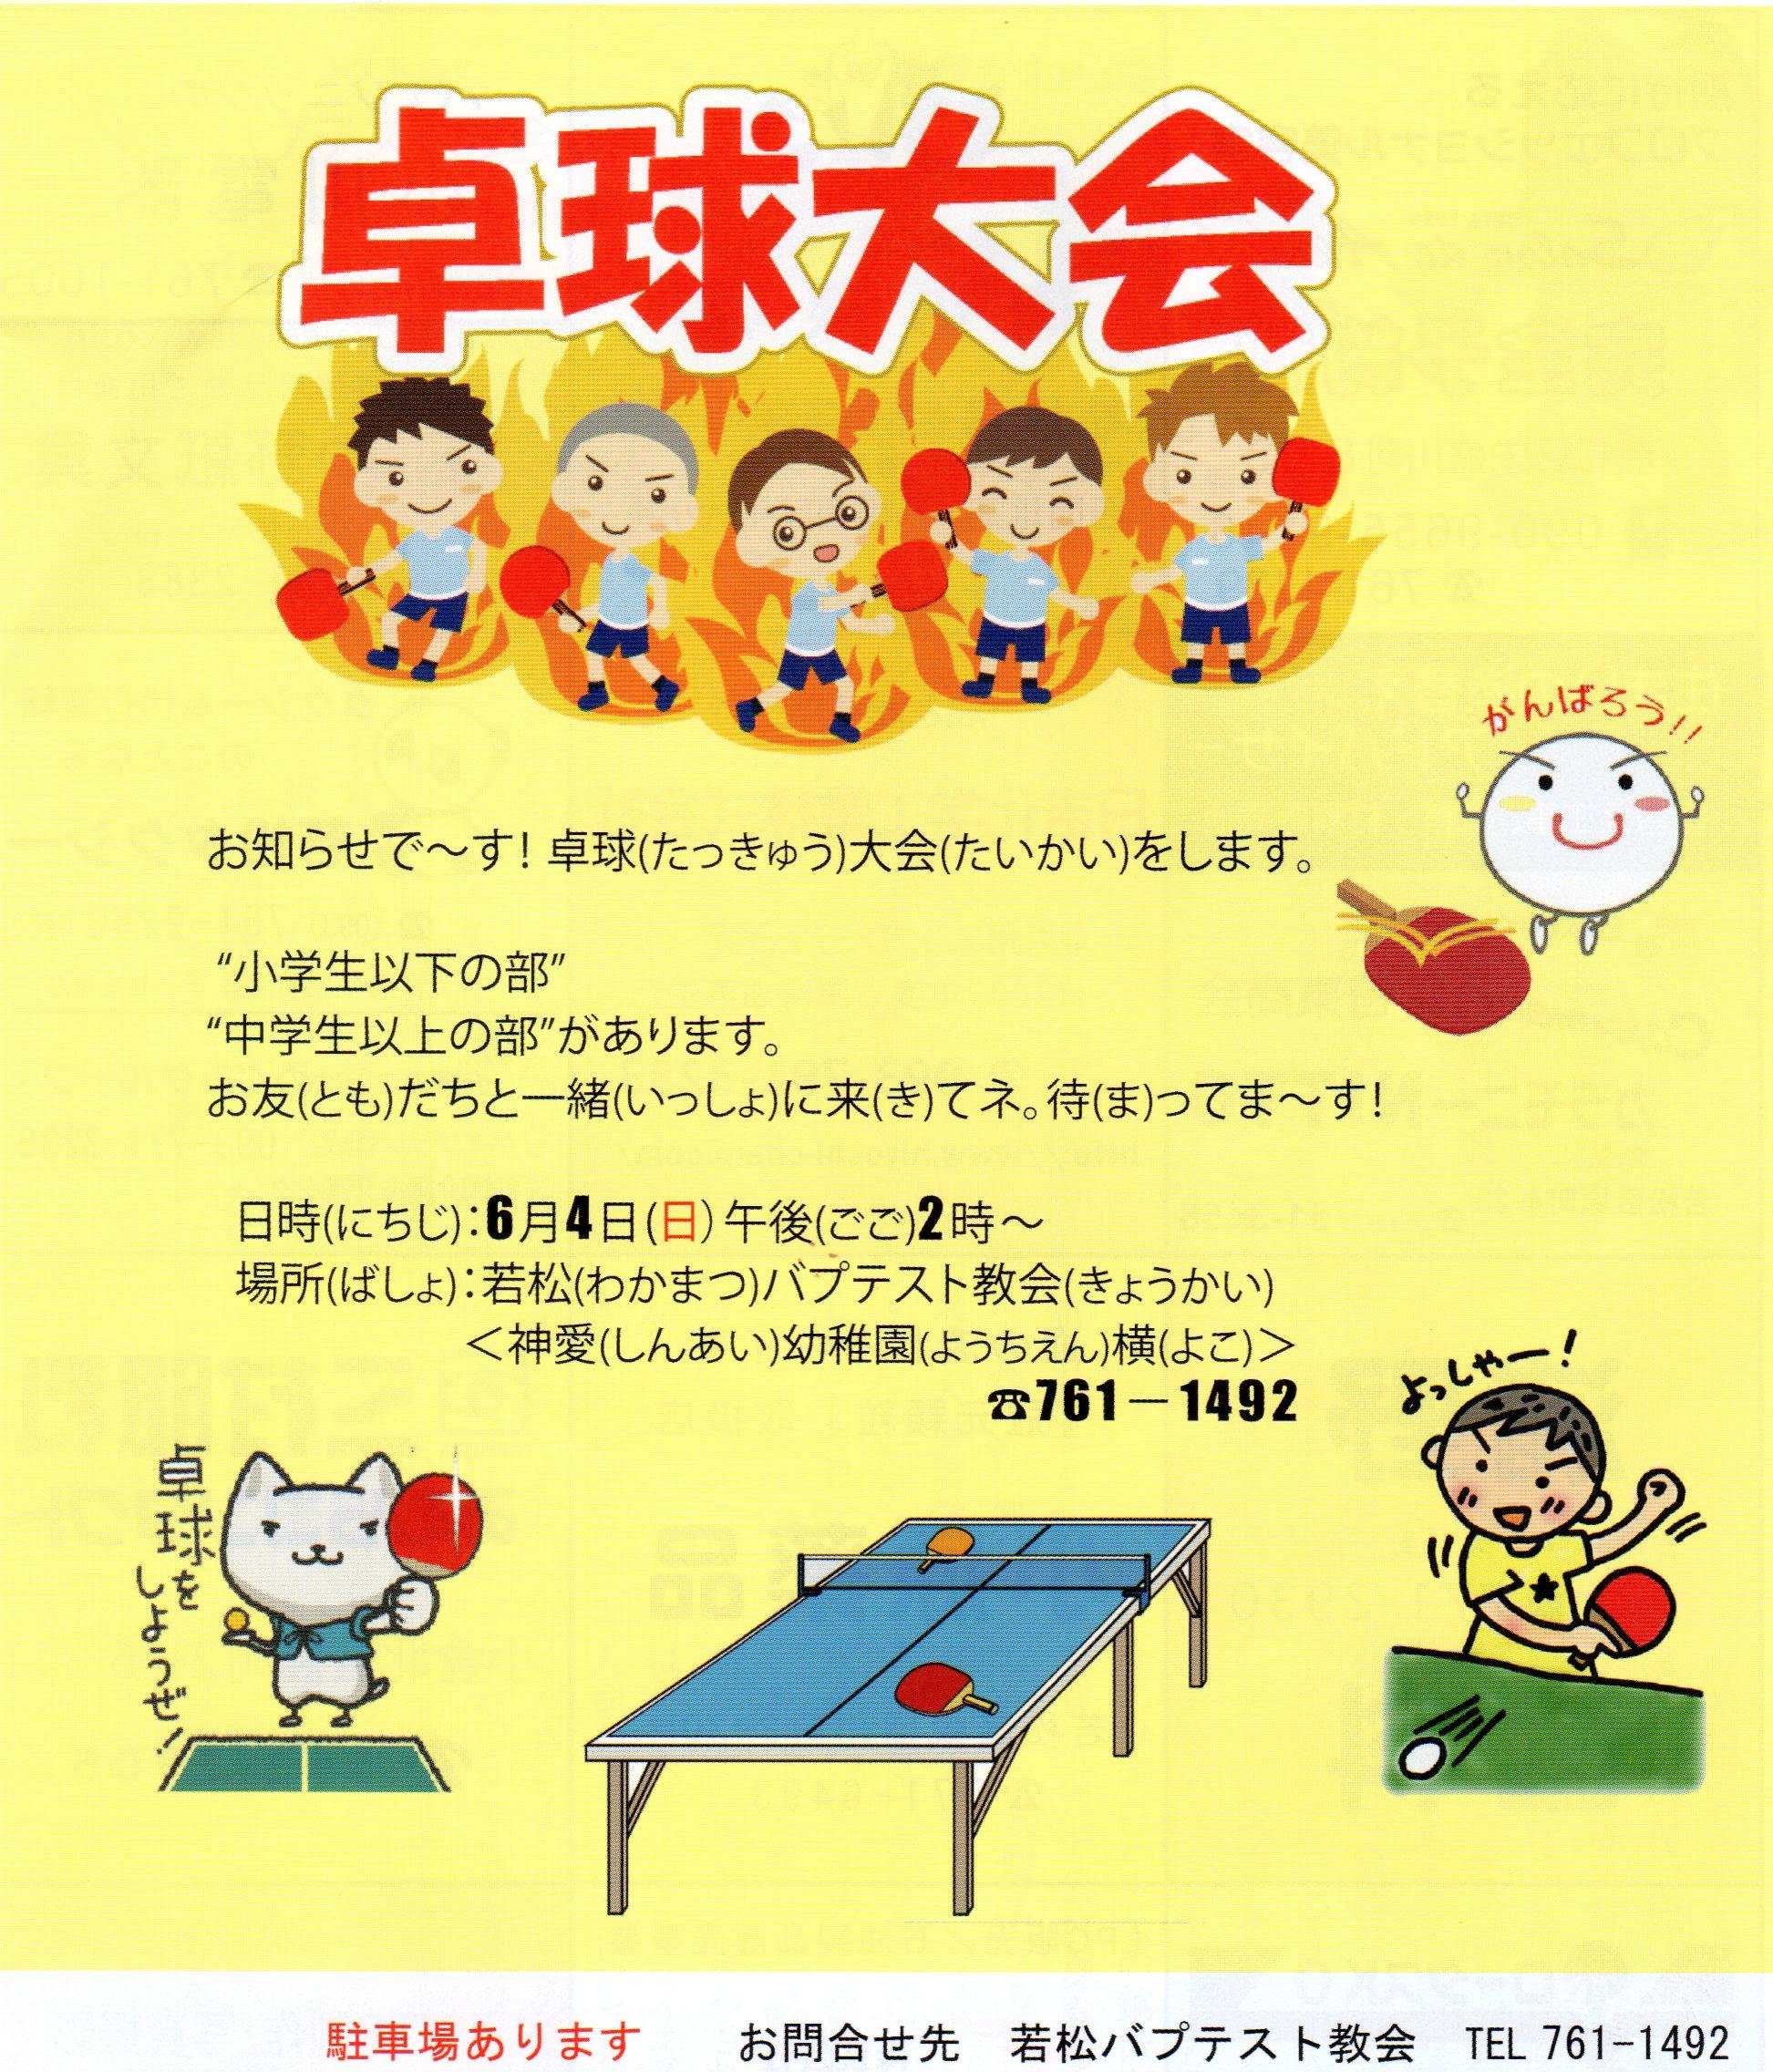 6月4日(日)の礼拝後に卓球大会をします。のイメージ